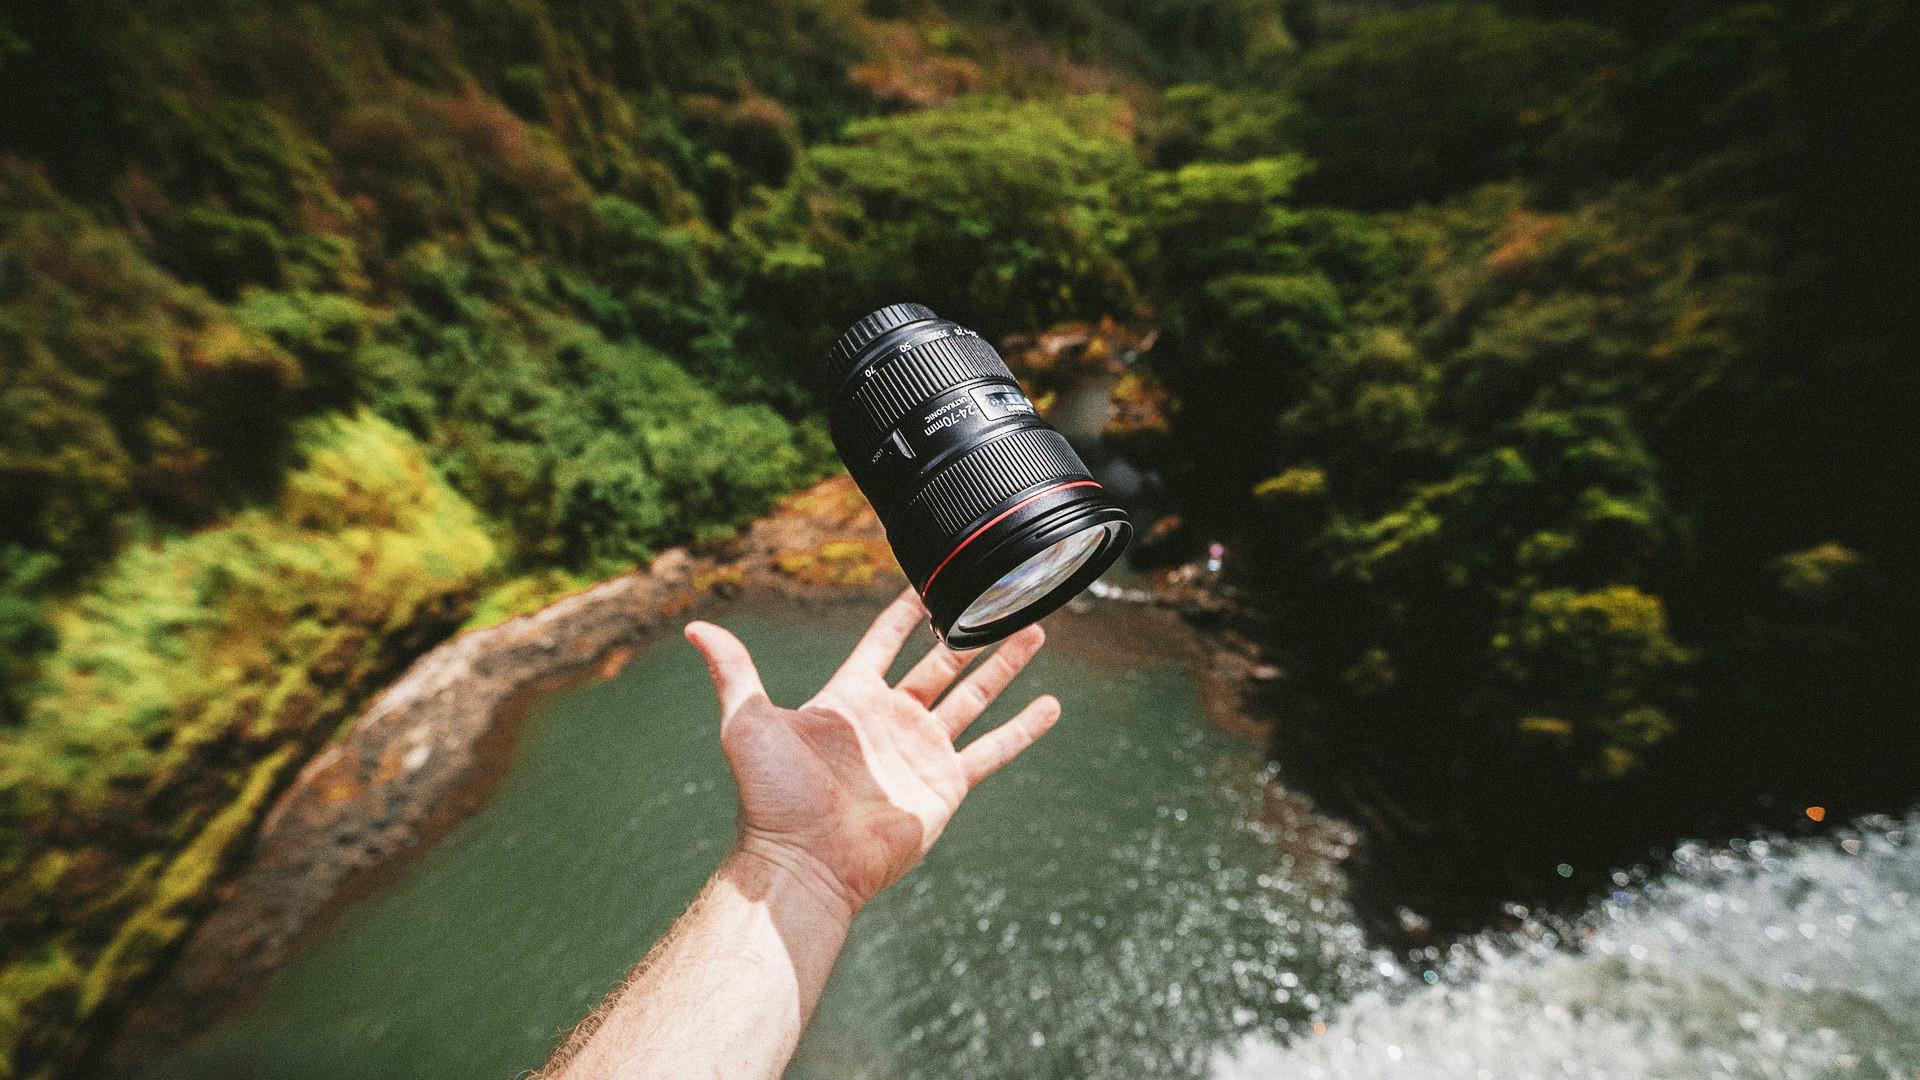 учеными каким объективом лучше фотографировать плавание употребляя потроха, можно